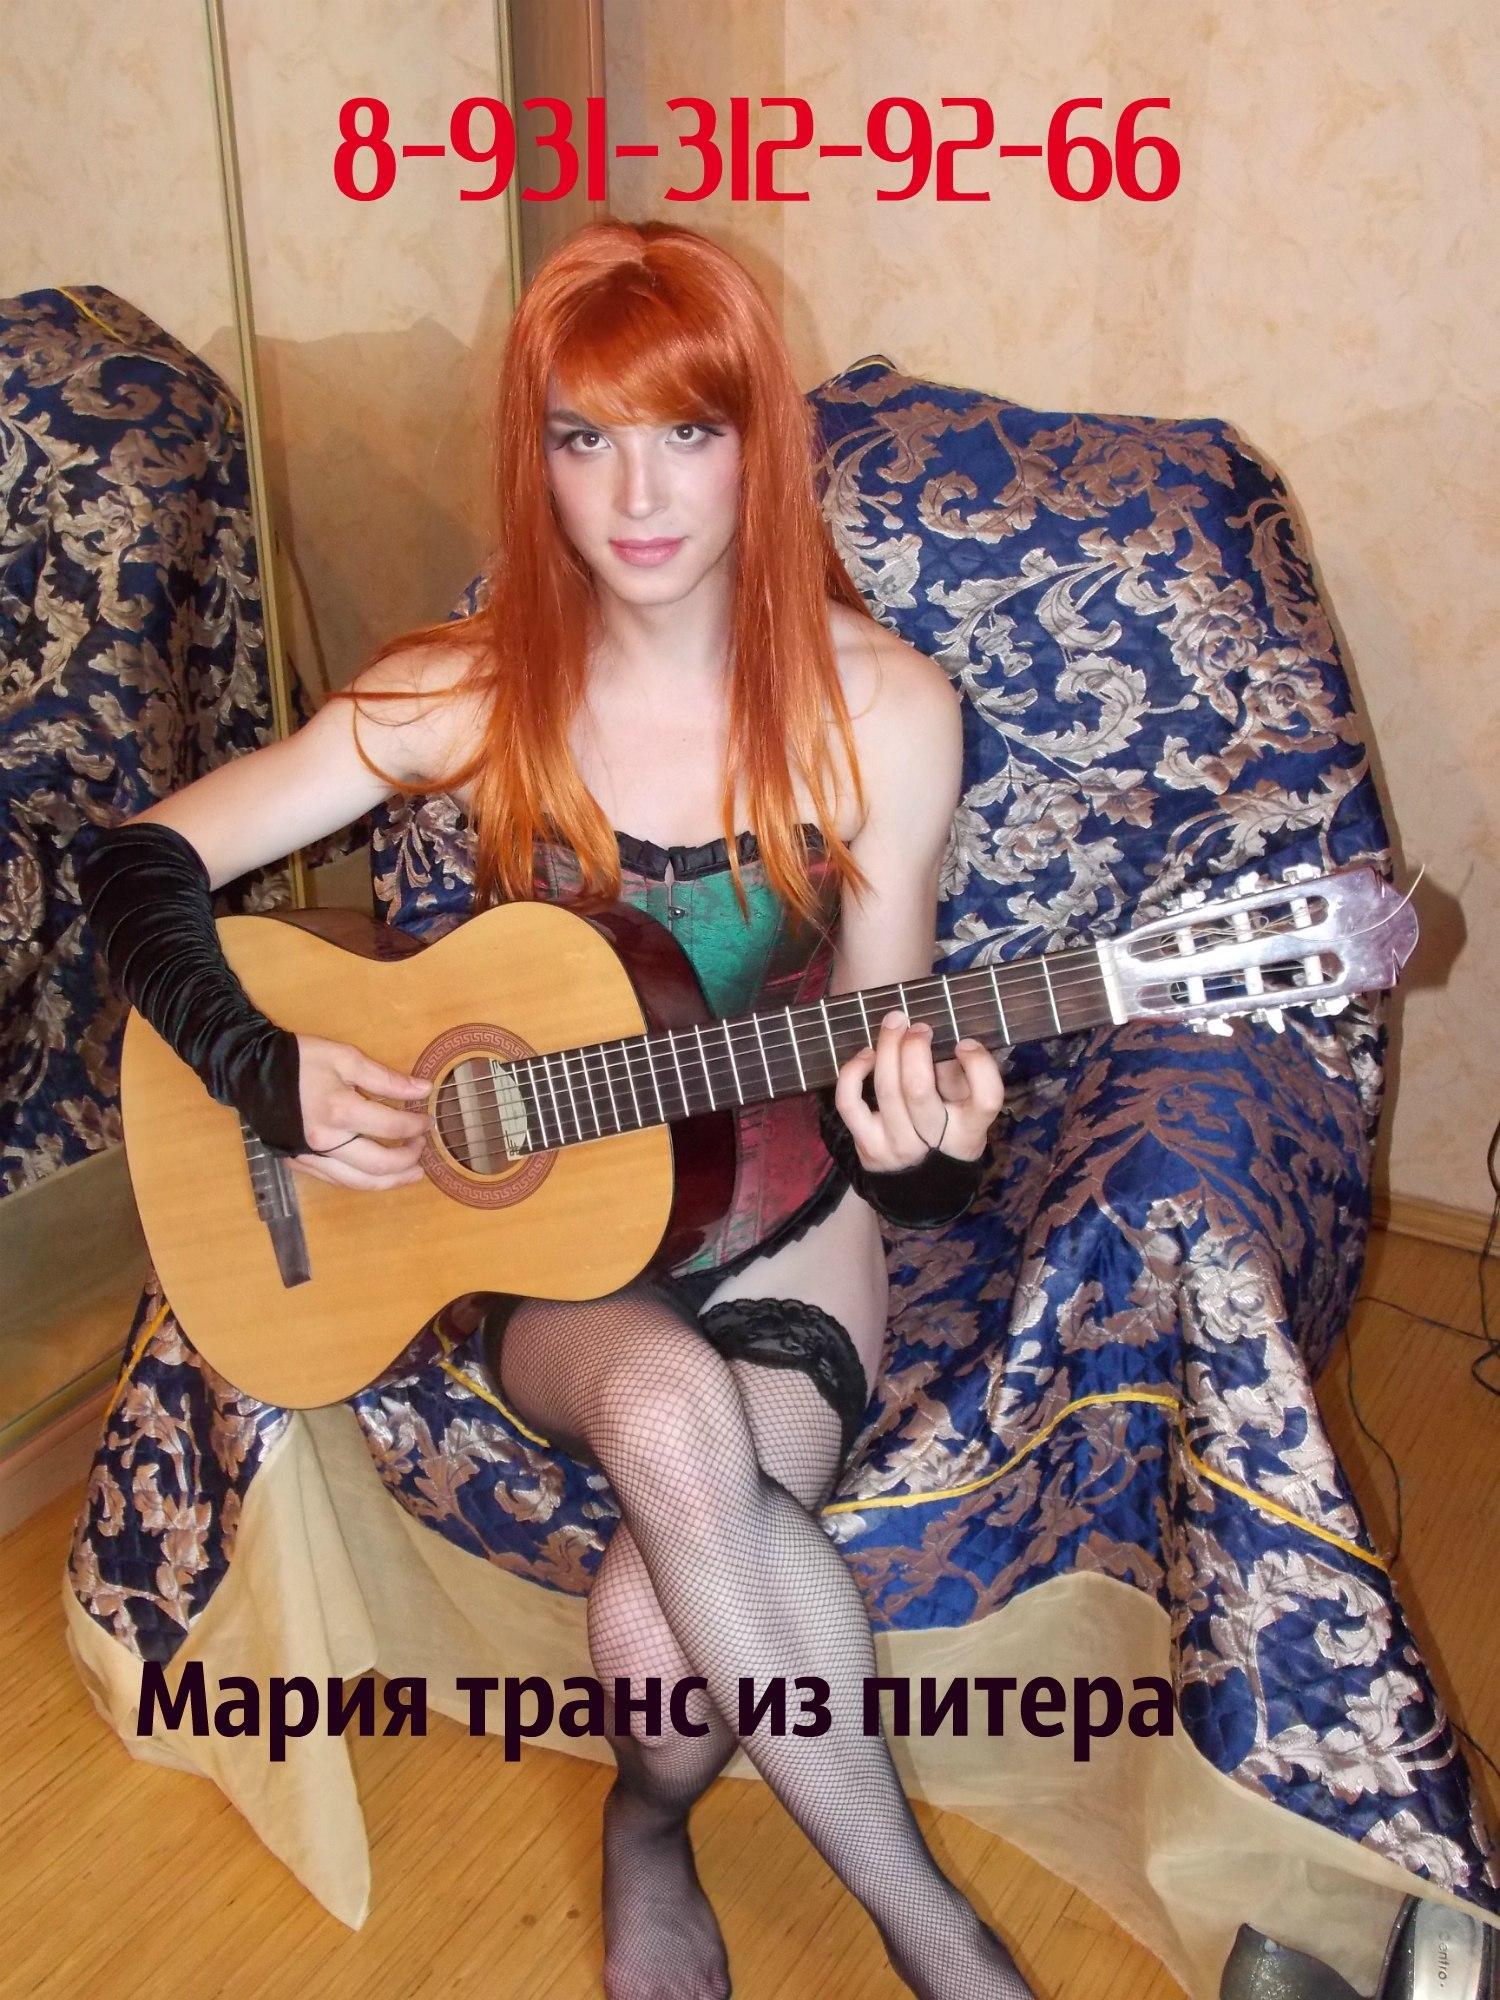 transseksual-zhenya